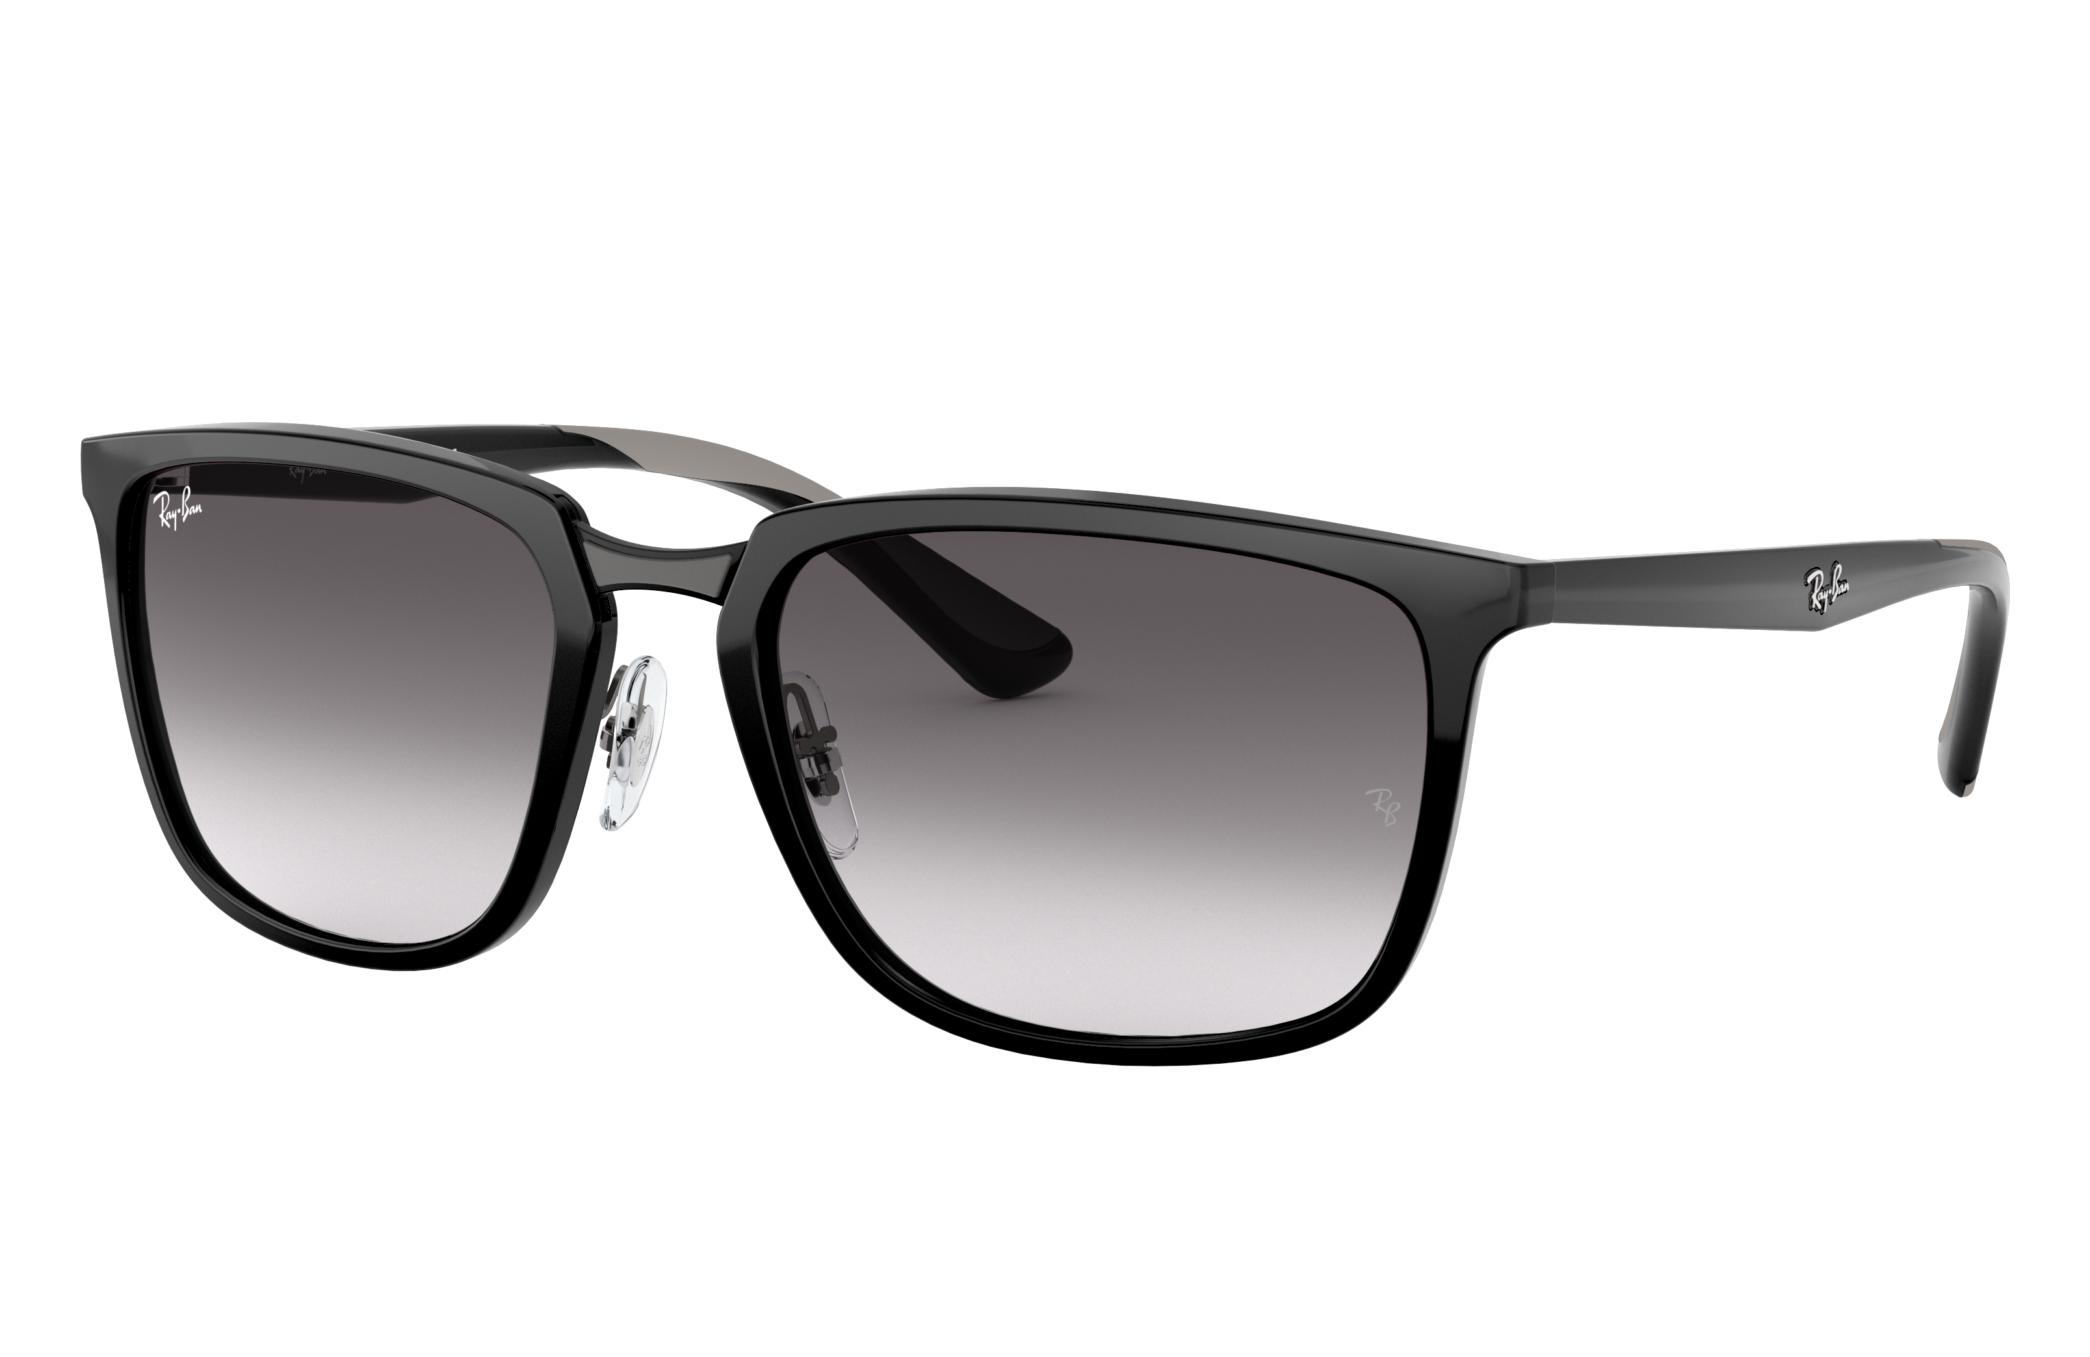 Ray-Ban Rb4303 Brown, Gray Lenses - RB4303